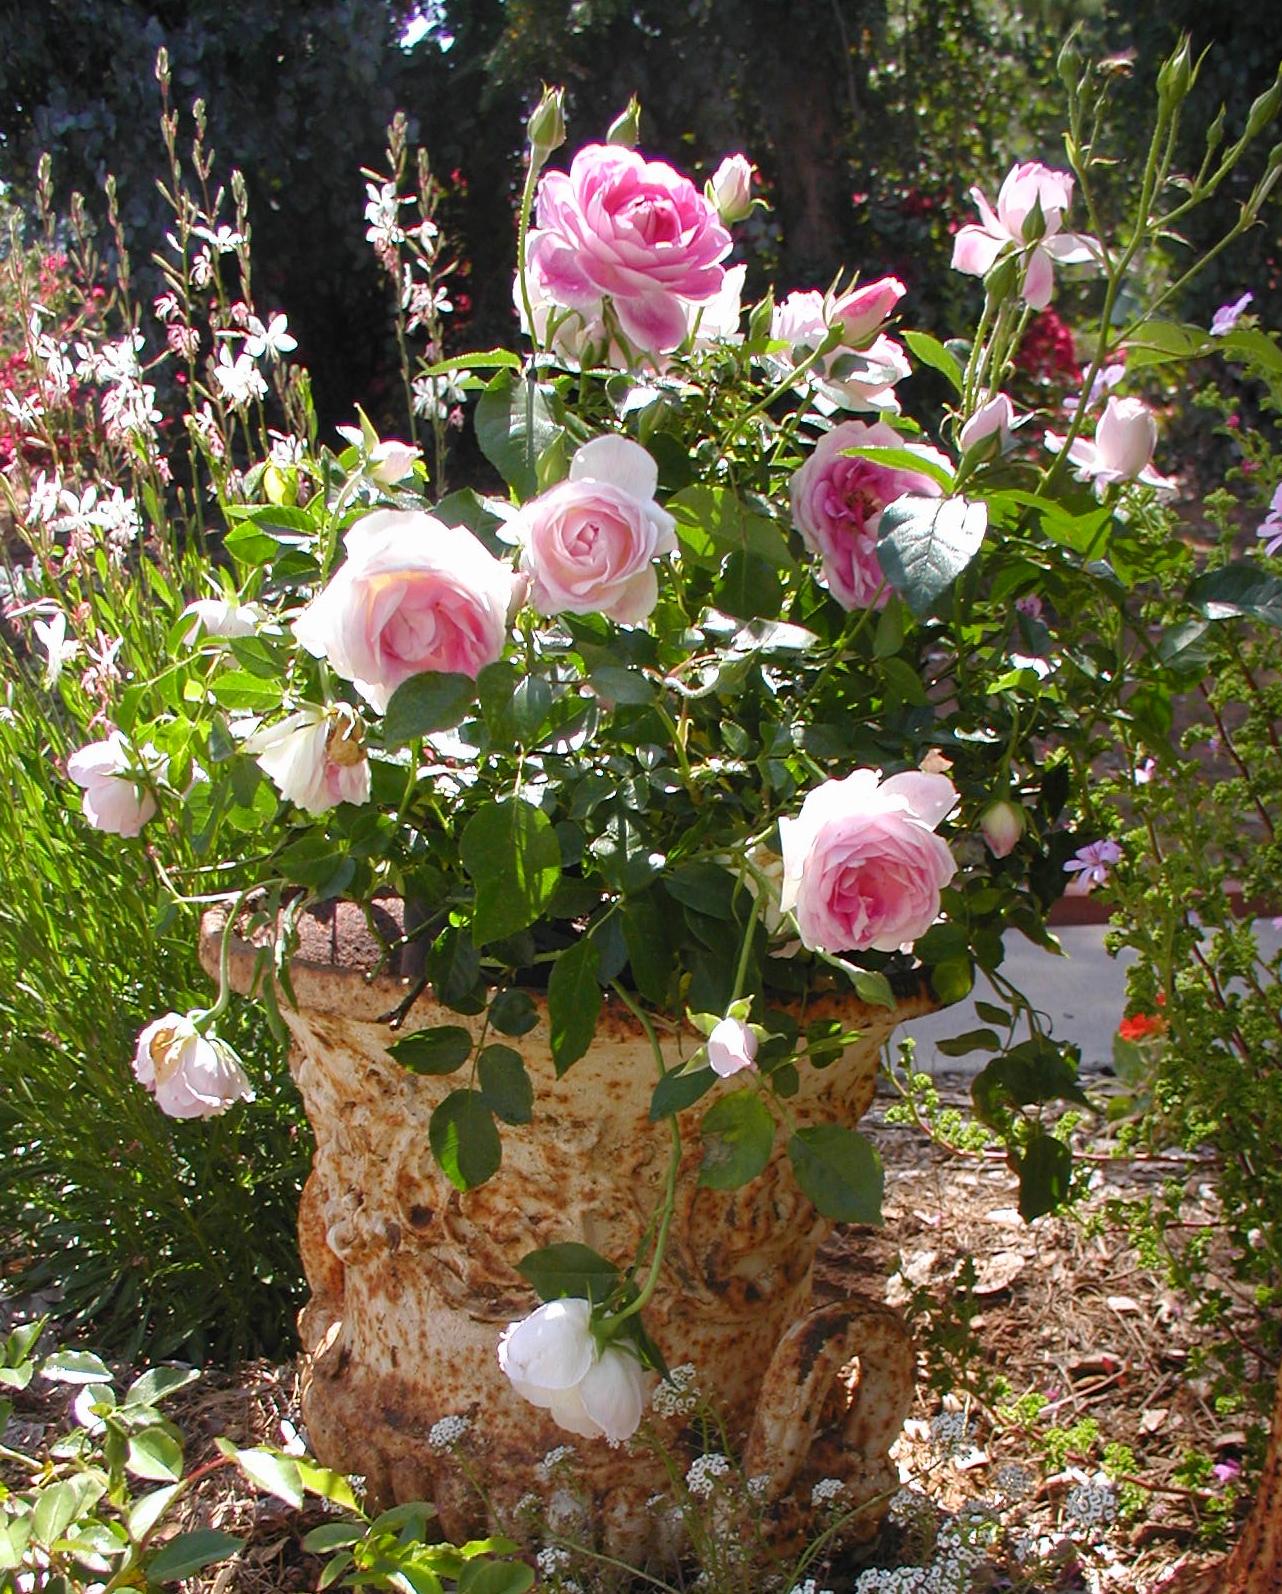 Chateau De Fleurs: April Showers Brought May Flowers